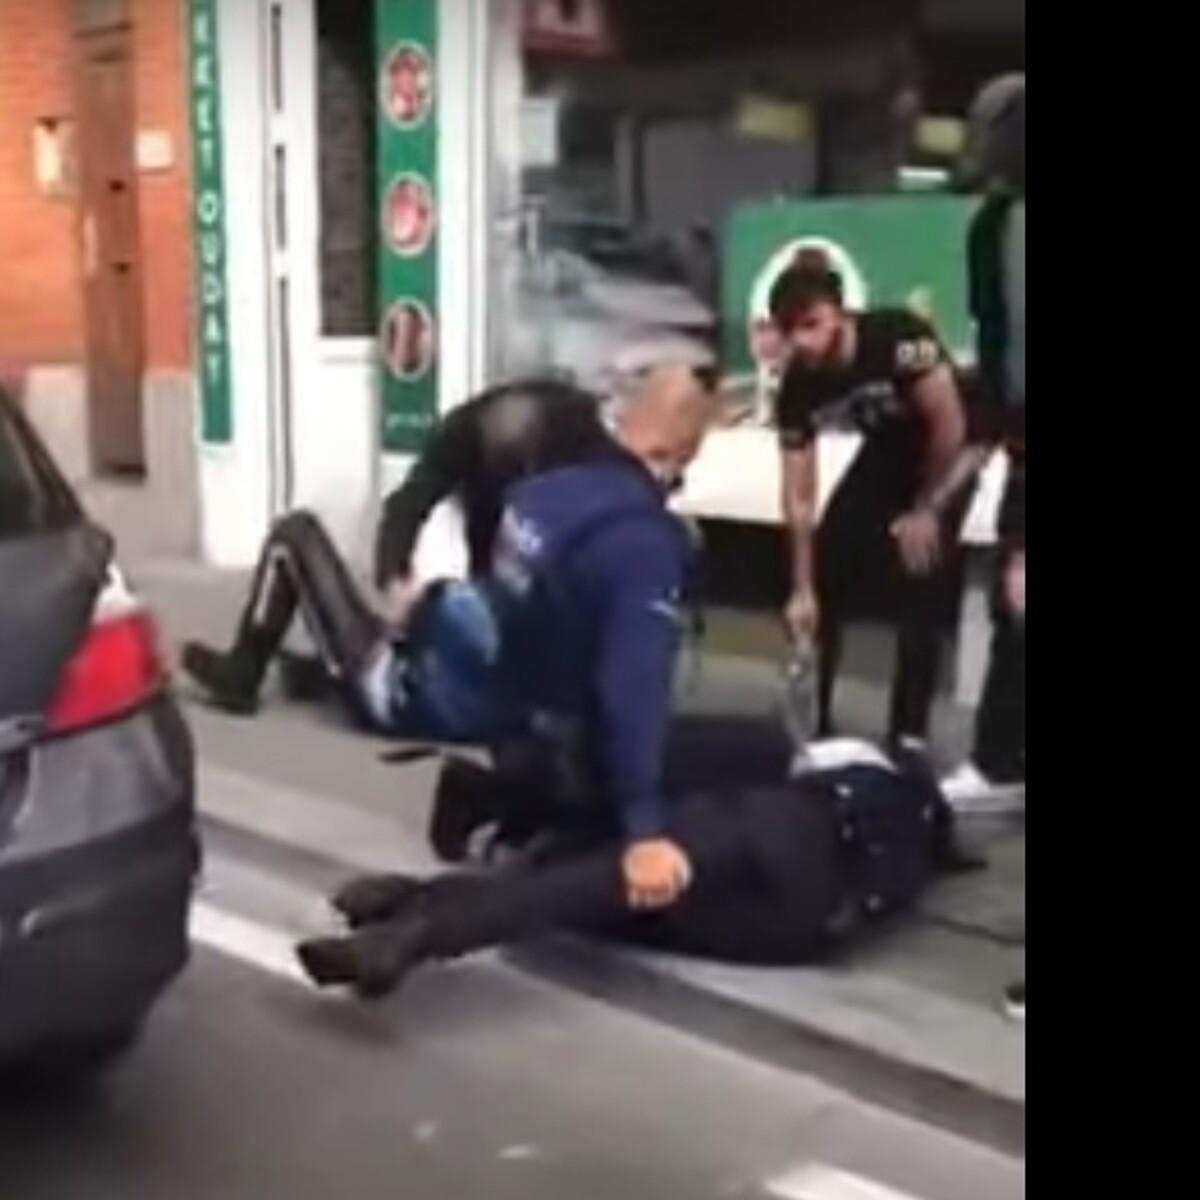 Fermato per un controllo, pesta 5 poliziotti. A Bruxelles è polemica sulla sicurezza degli agenti